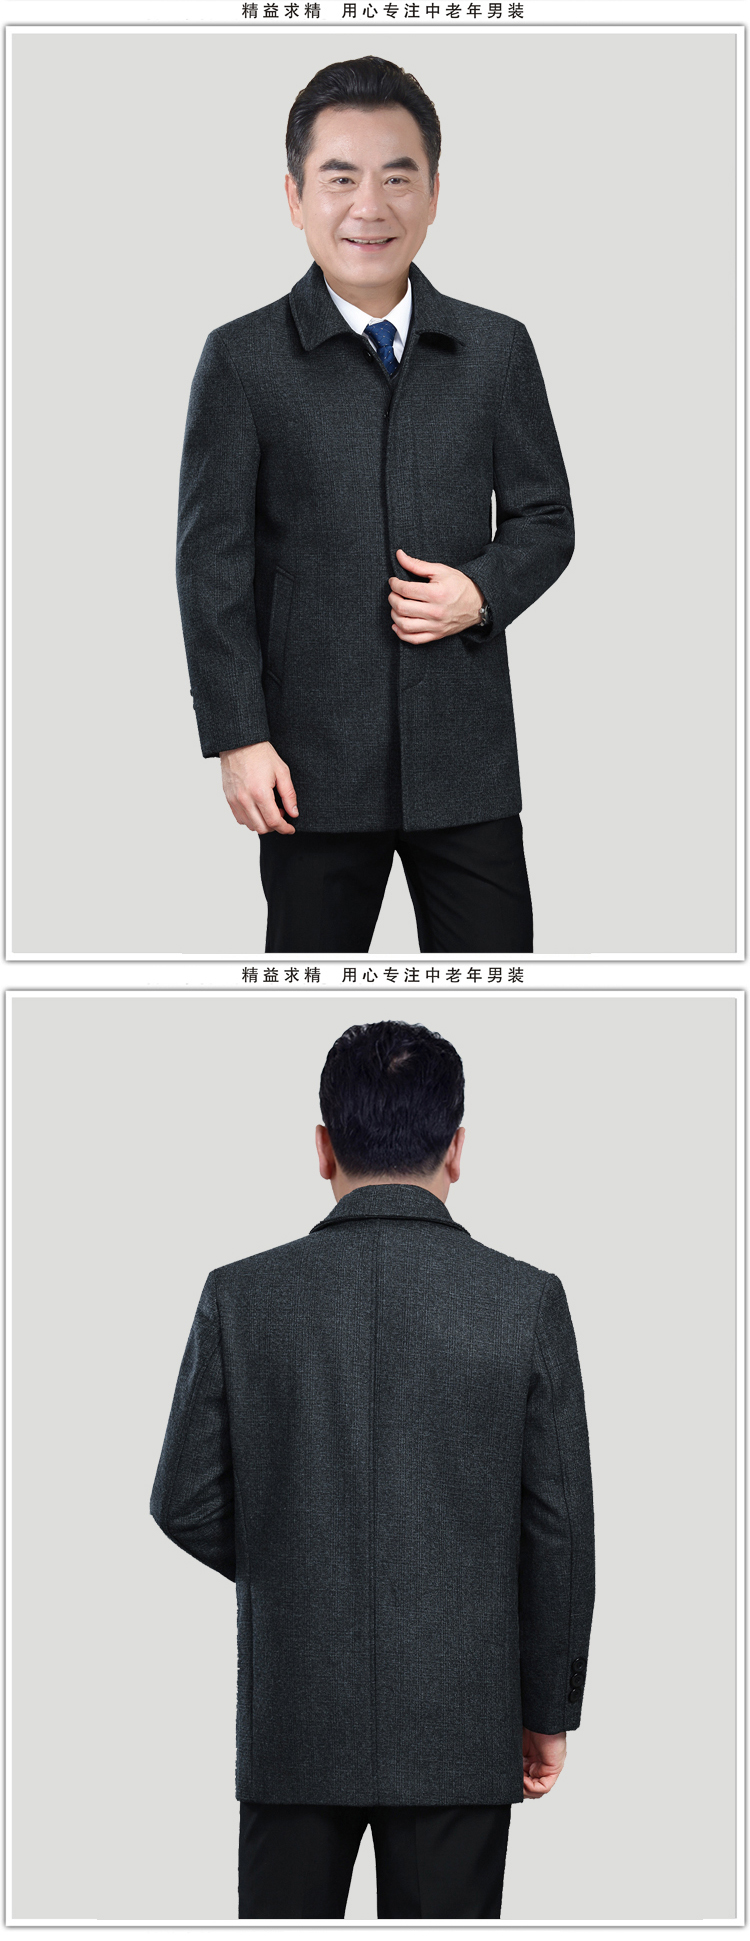 WAEOLSA Mature Men Elegant Jackets Woollen Blends Basic Coat Dark Gray Jackets Aged Man Wool Outerwear Winter Autumn Outfits Father (3)